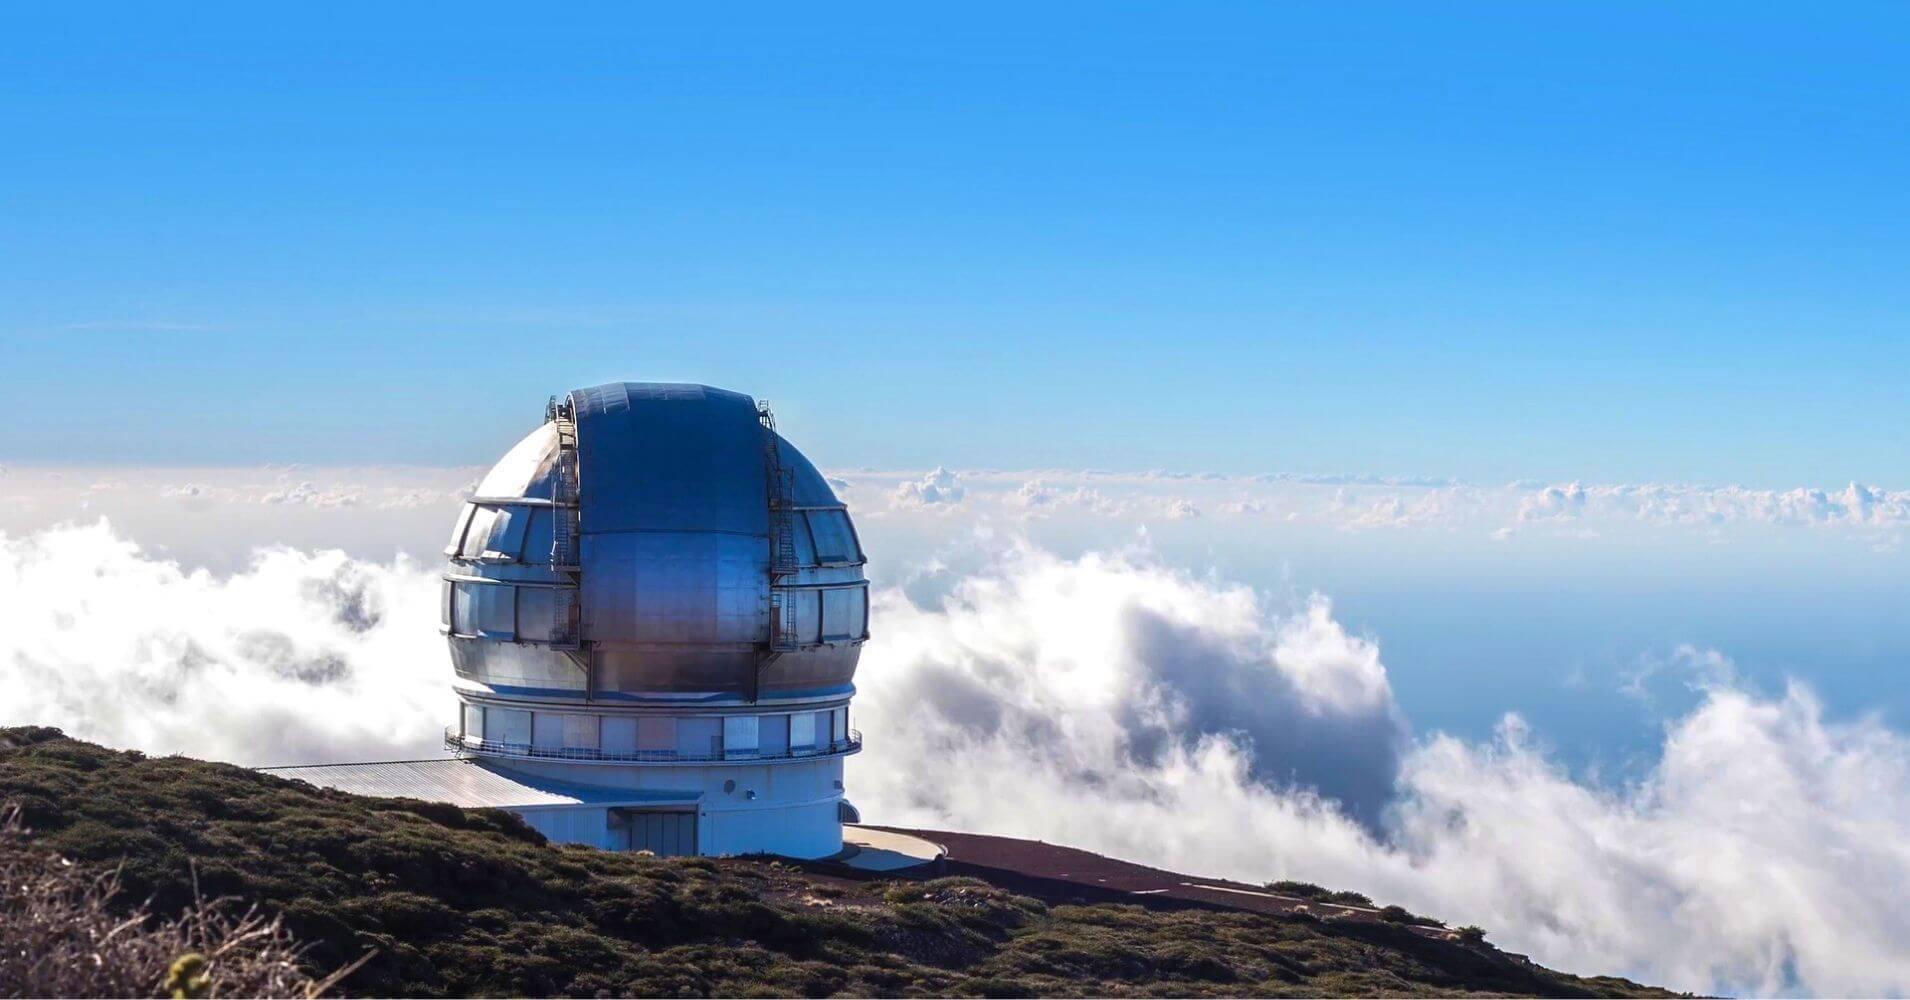 Observatorio del Parque Nacional Caldera de Taburiente. Isla de La Palma. Islas Canarias.